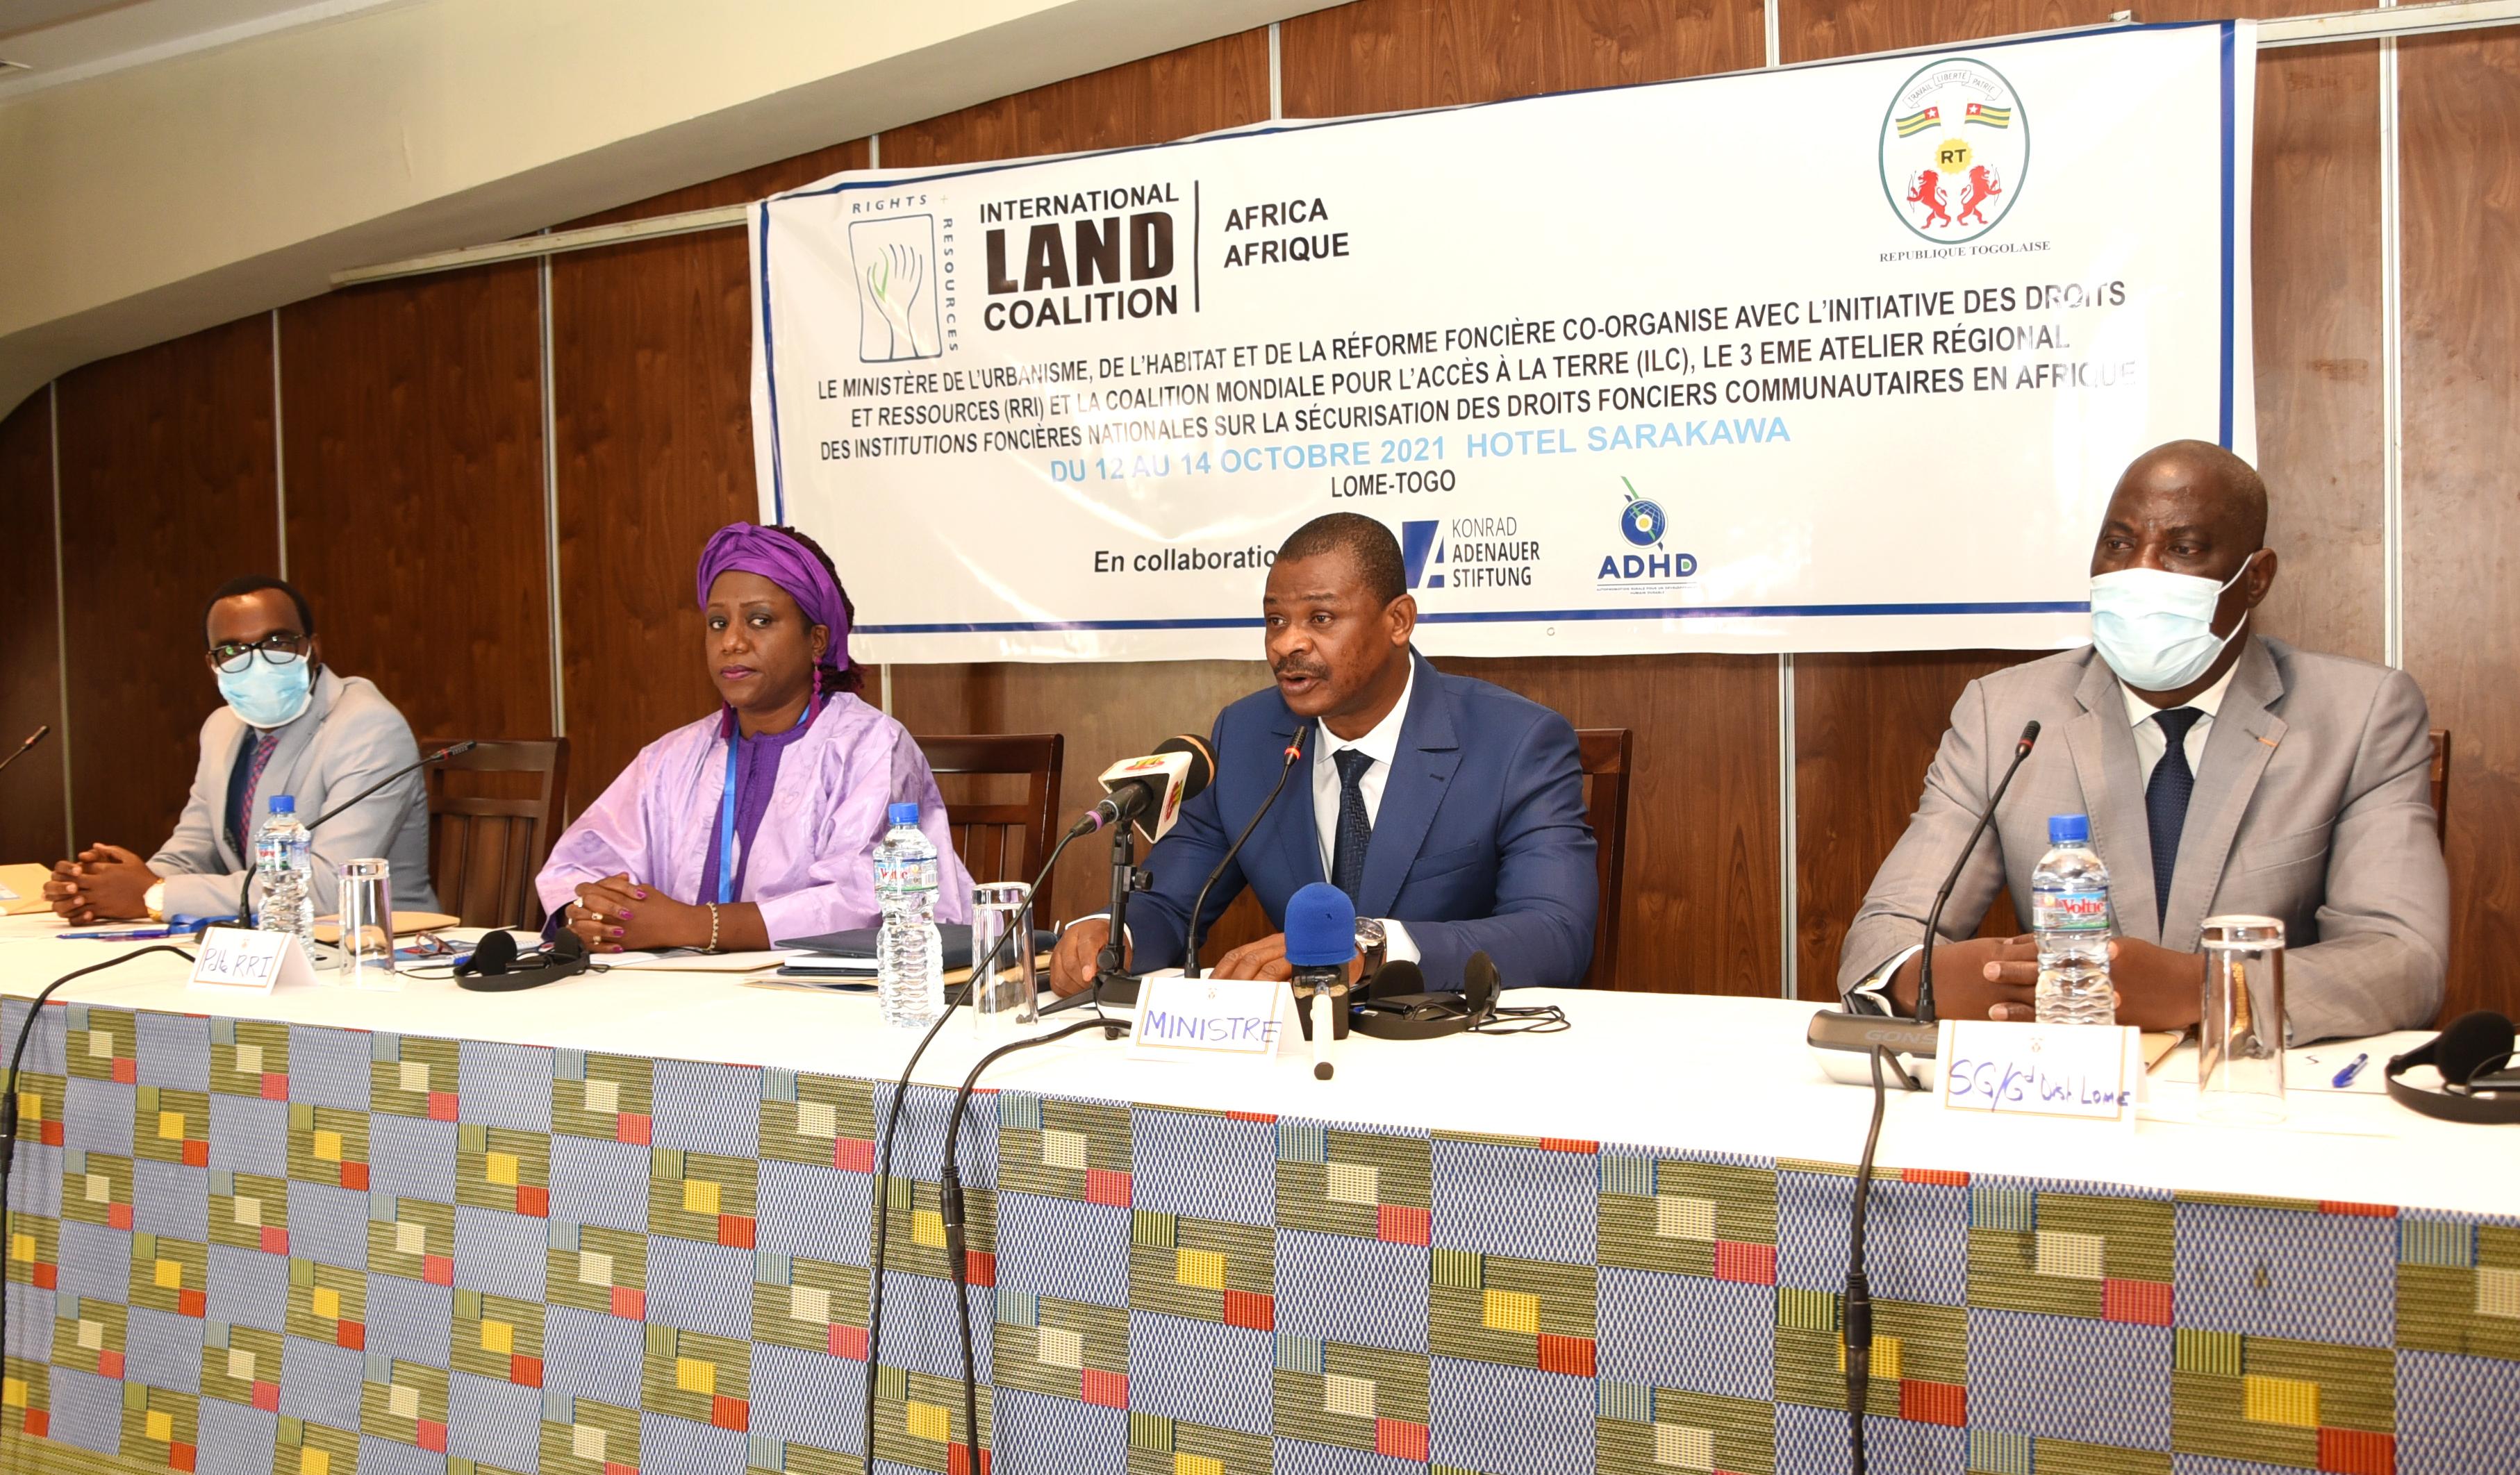 Lomé abrite la 3ème édition de la conférence régionale des institutions foncières nationale sur la sécurisation des droits fonciers communautaires en Afrique